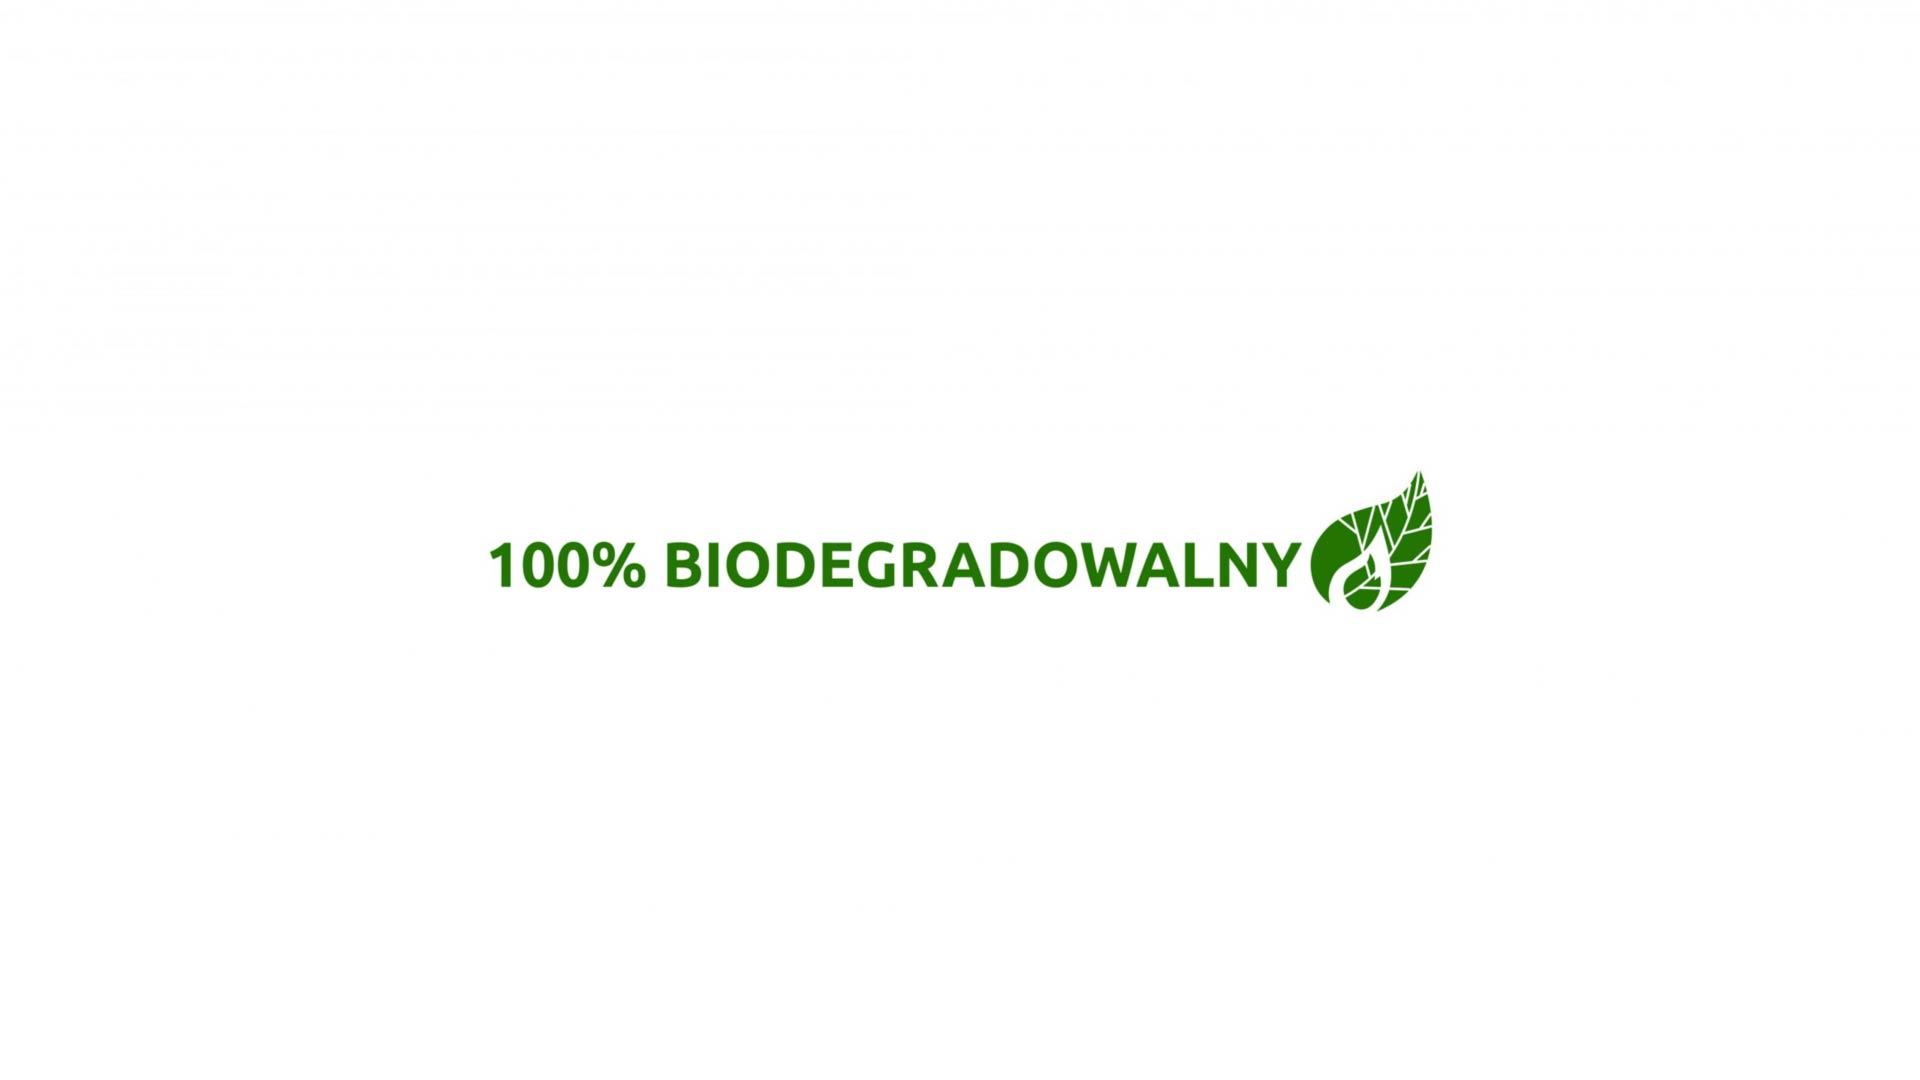 100% Biodegradowalności – 22.04.2020r.